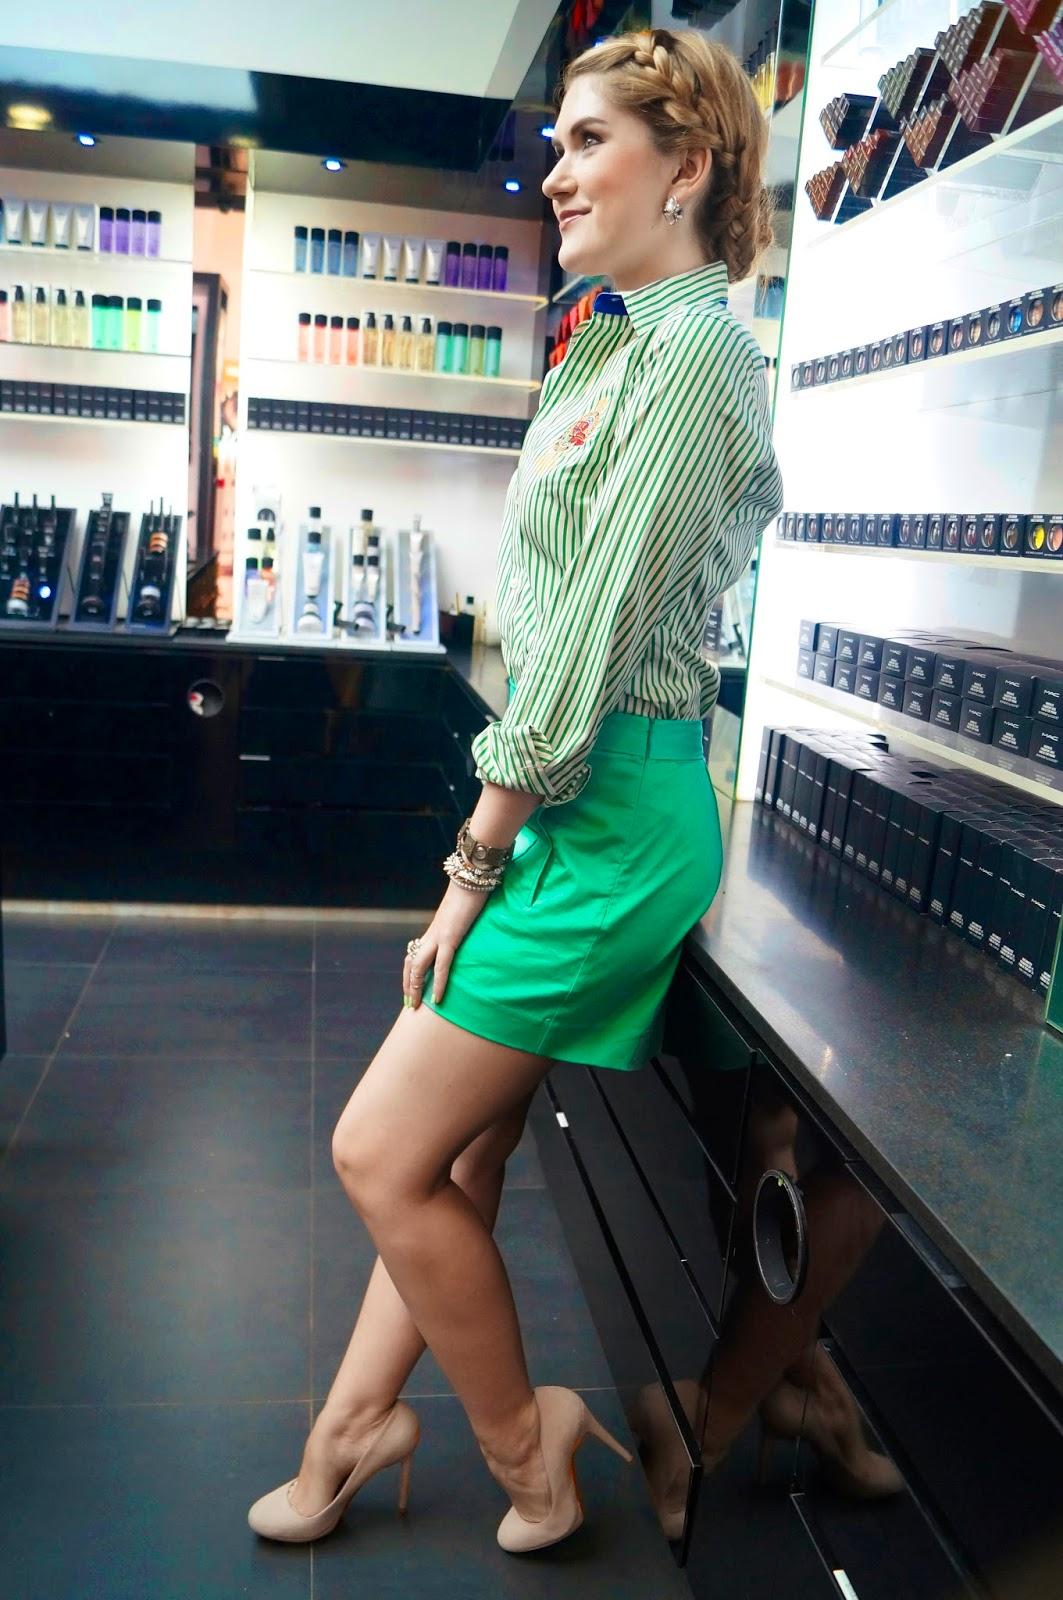 forever 21 shorts, ralph lauren shirt, shorts outfit, green shorts outfit, spring fashion, spring style